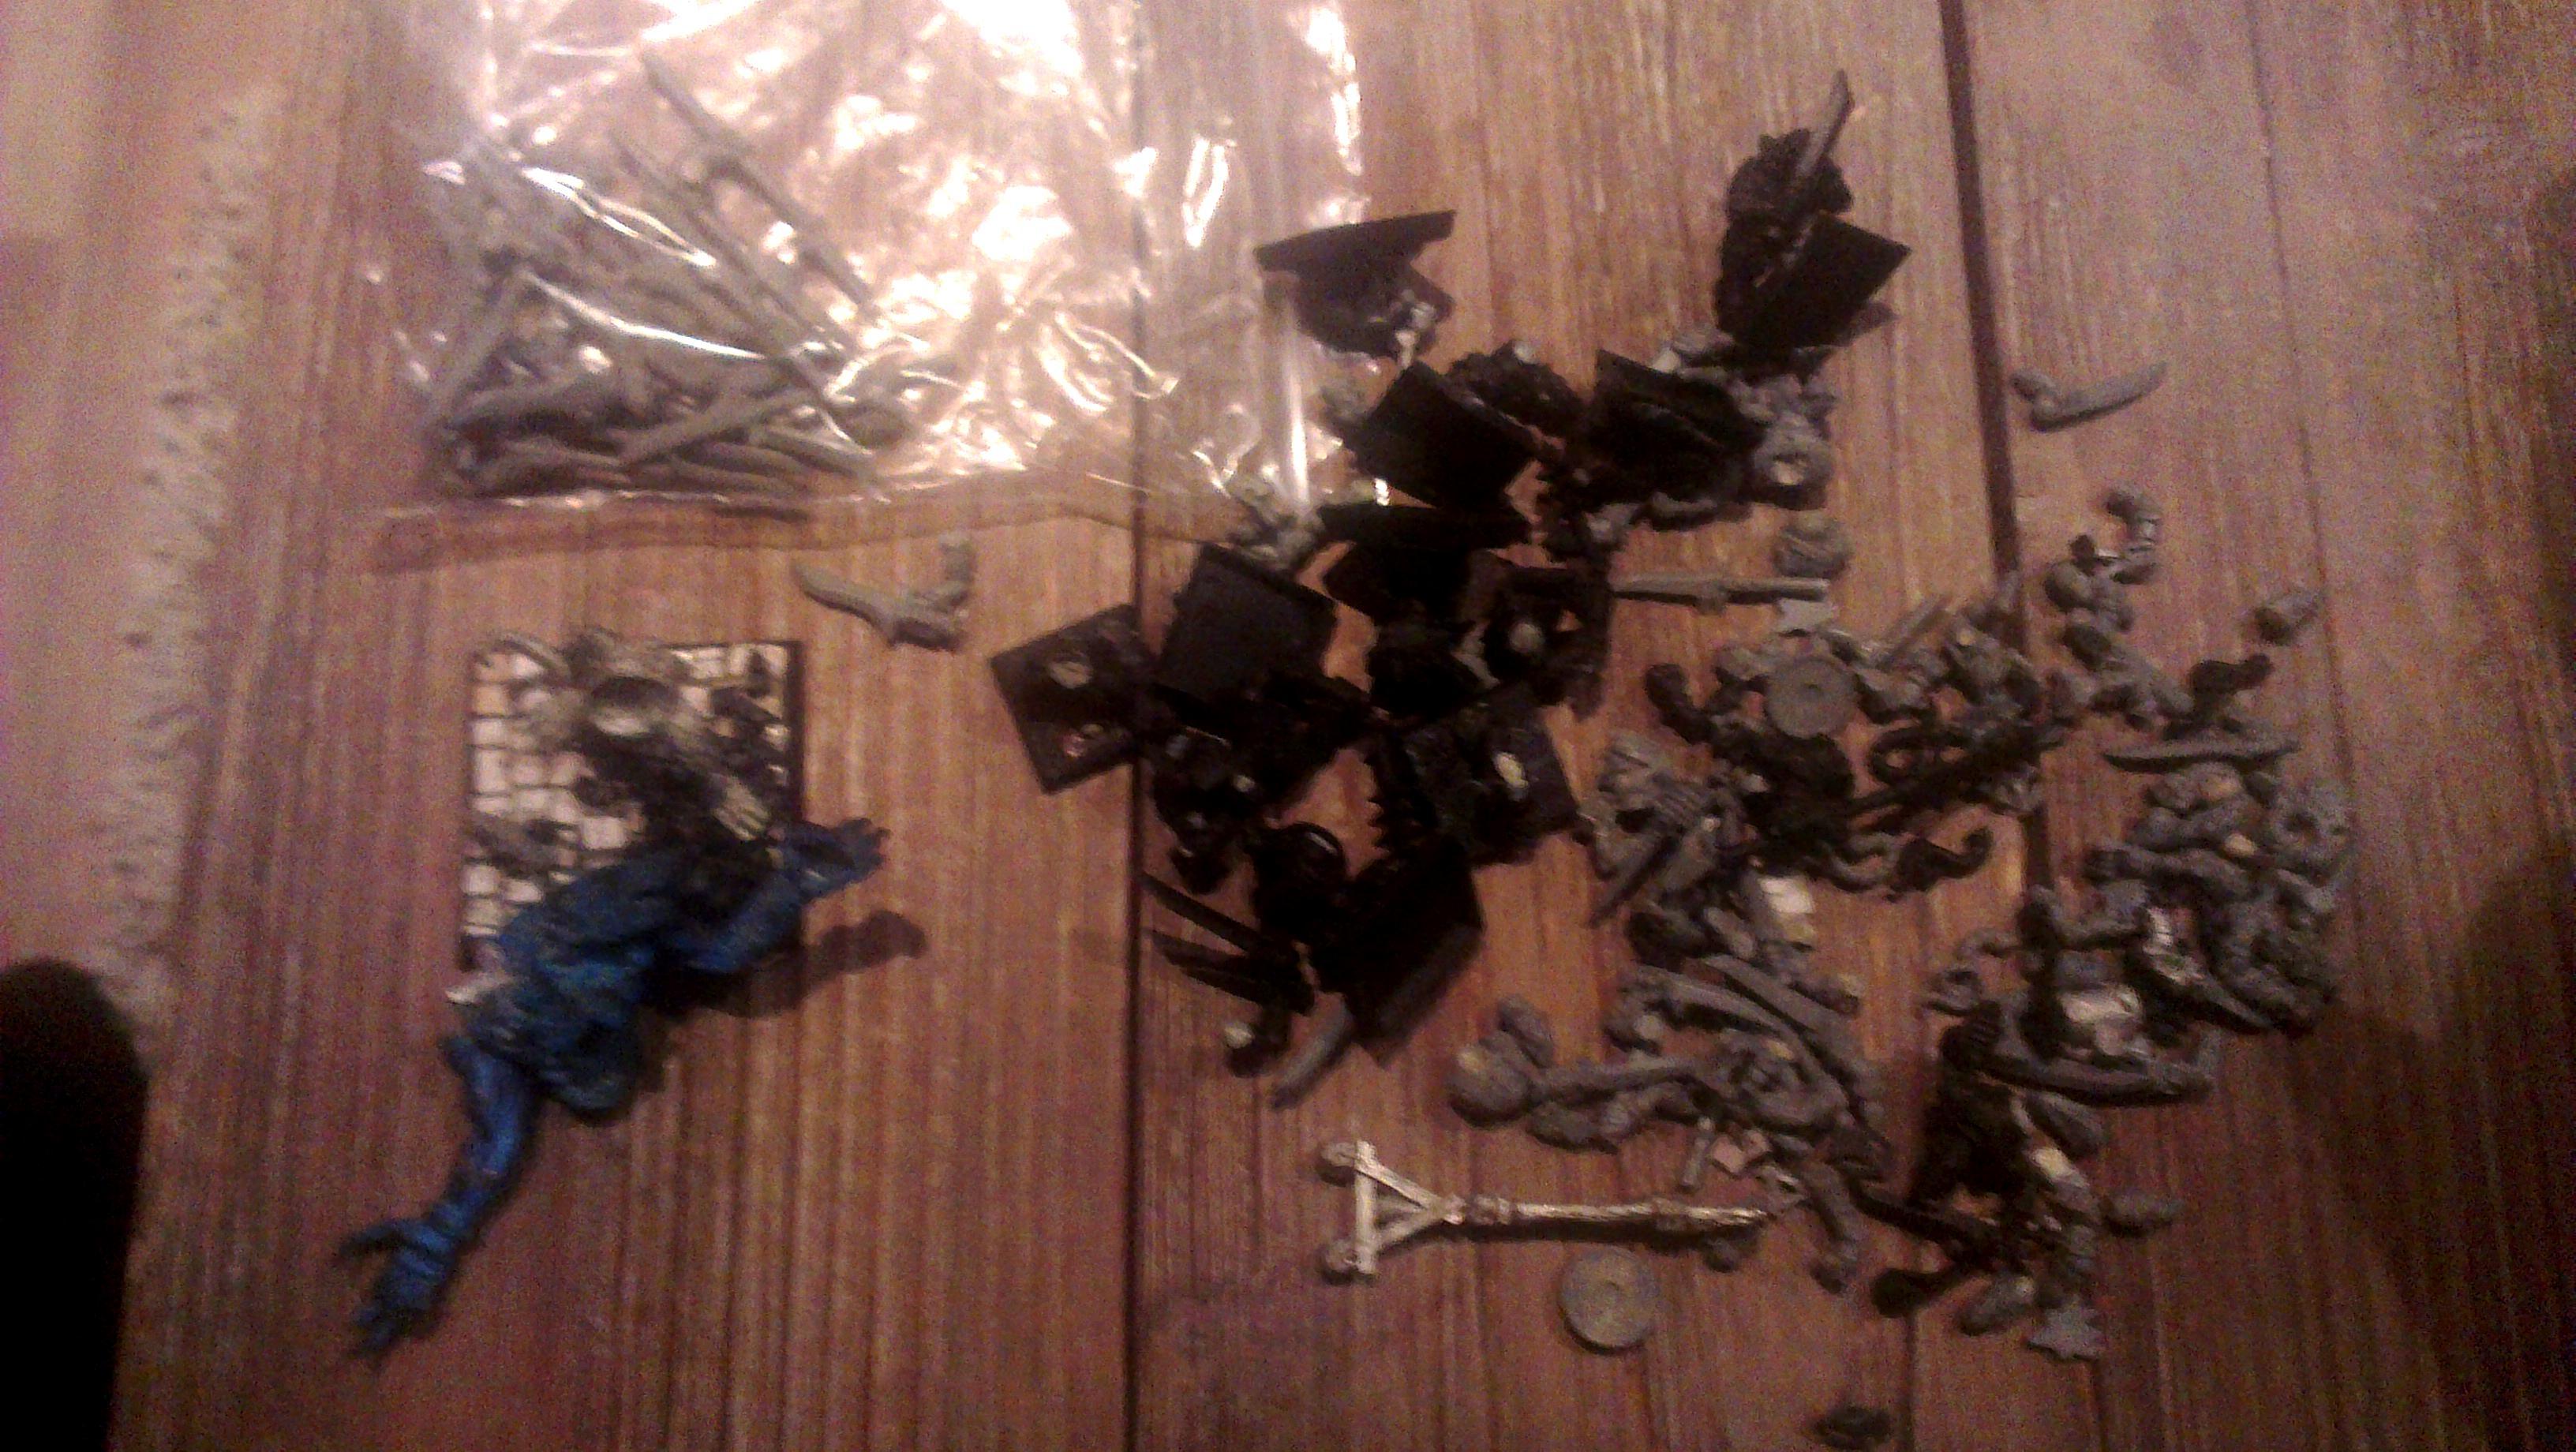 Rat ogre/bits and clanrats